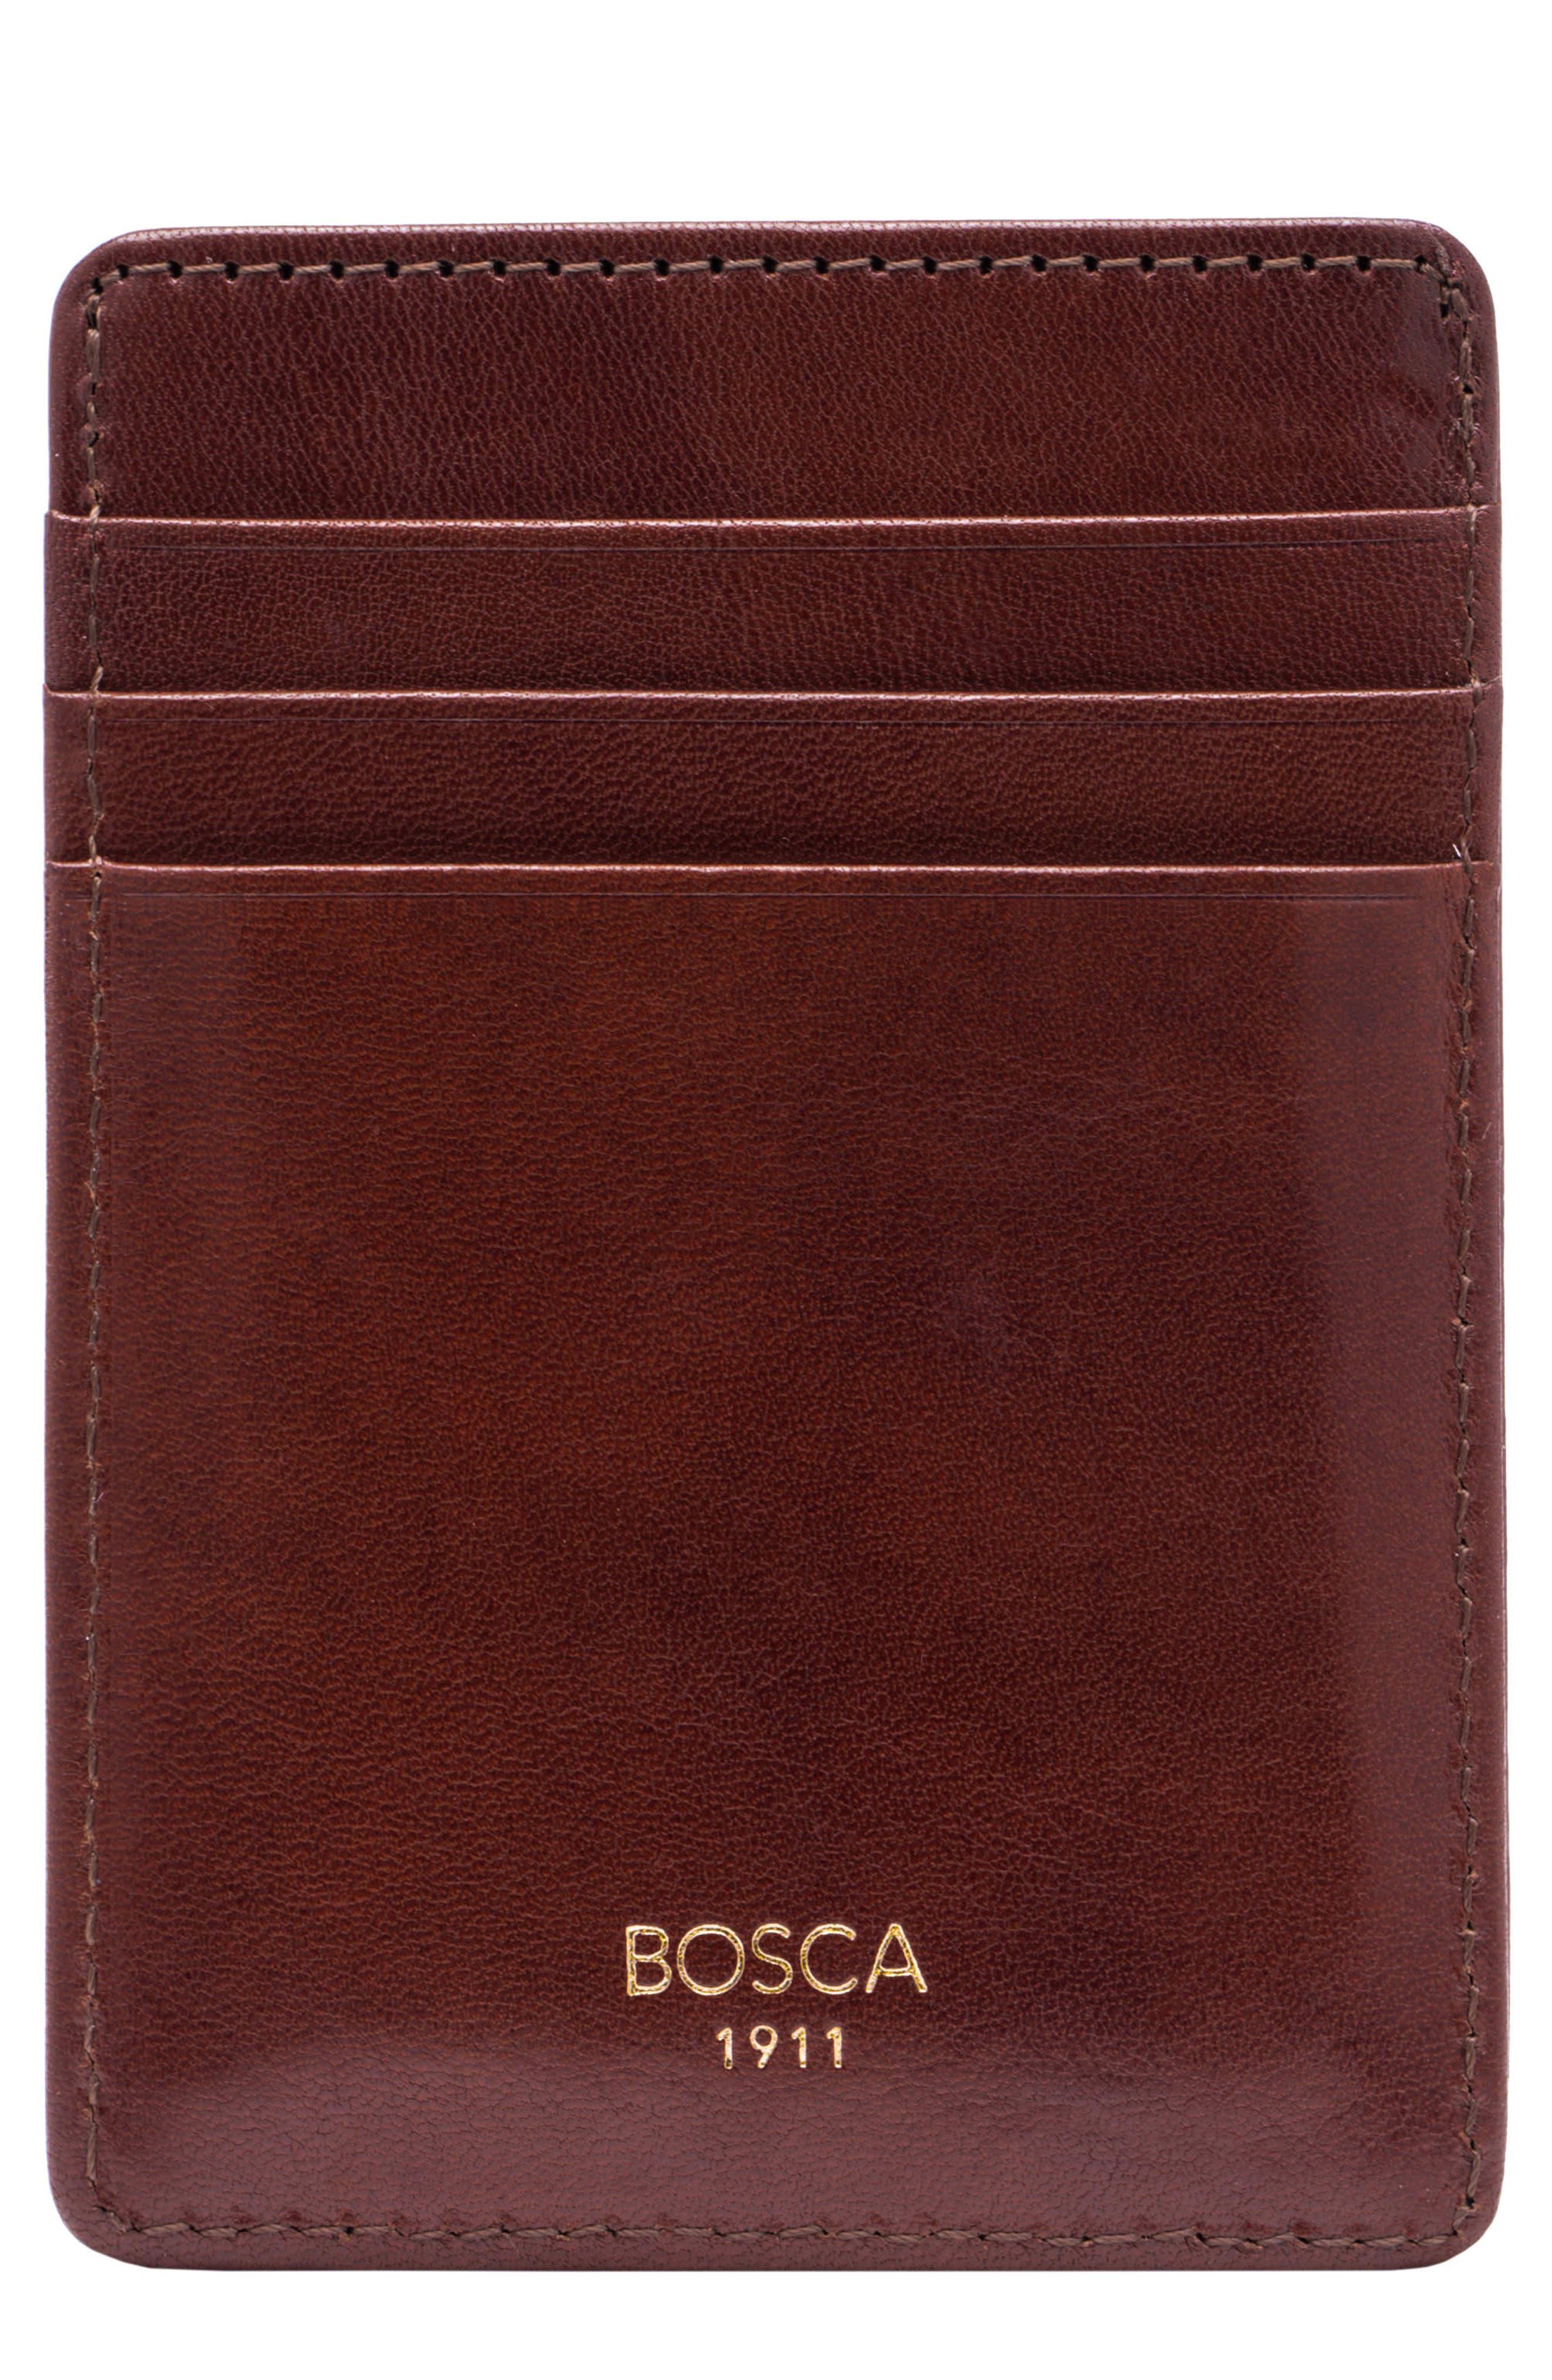 Old Leather Front Pocket Wallet